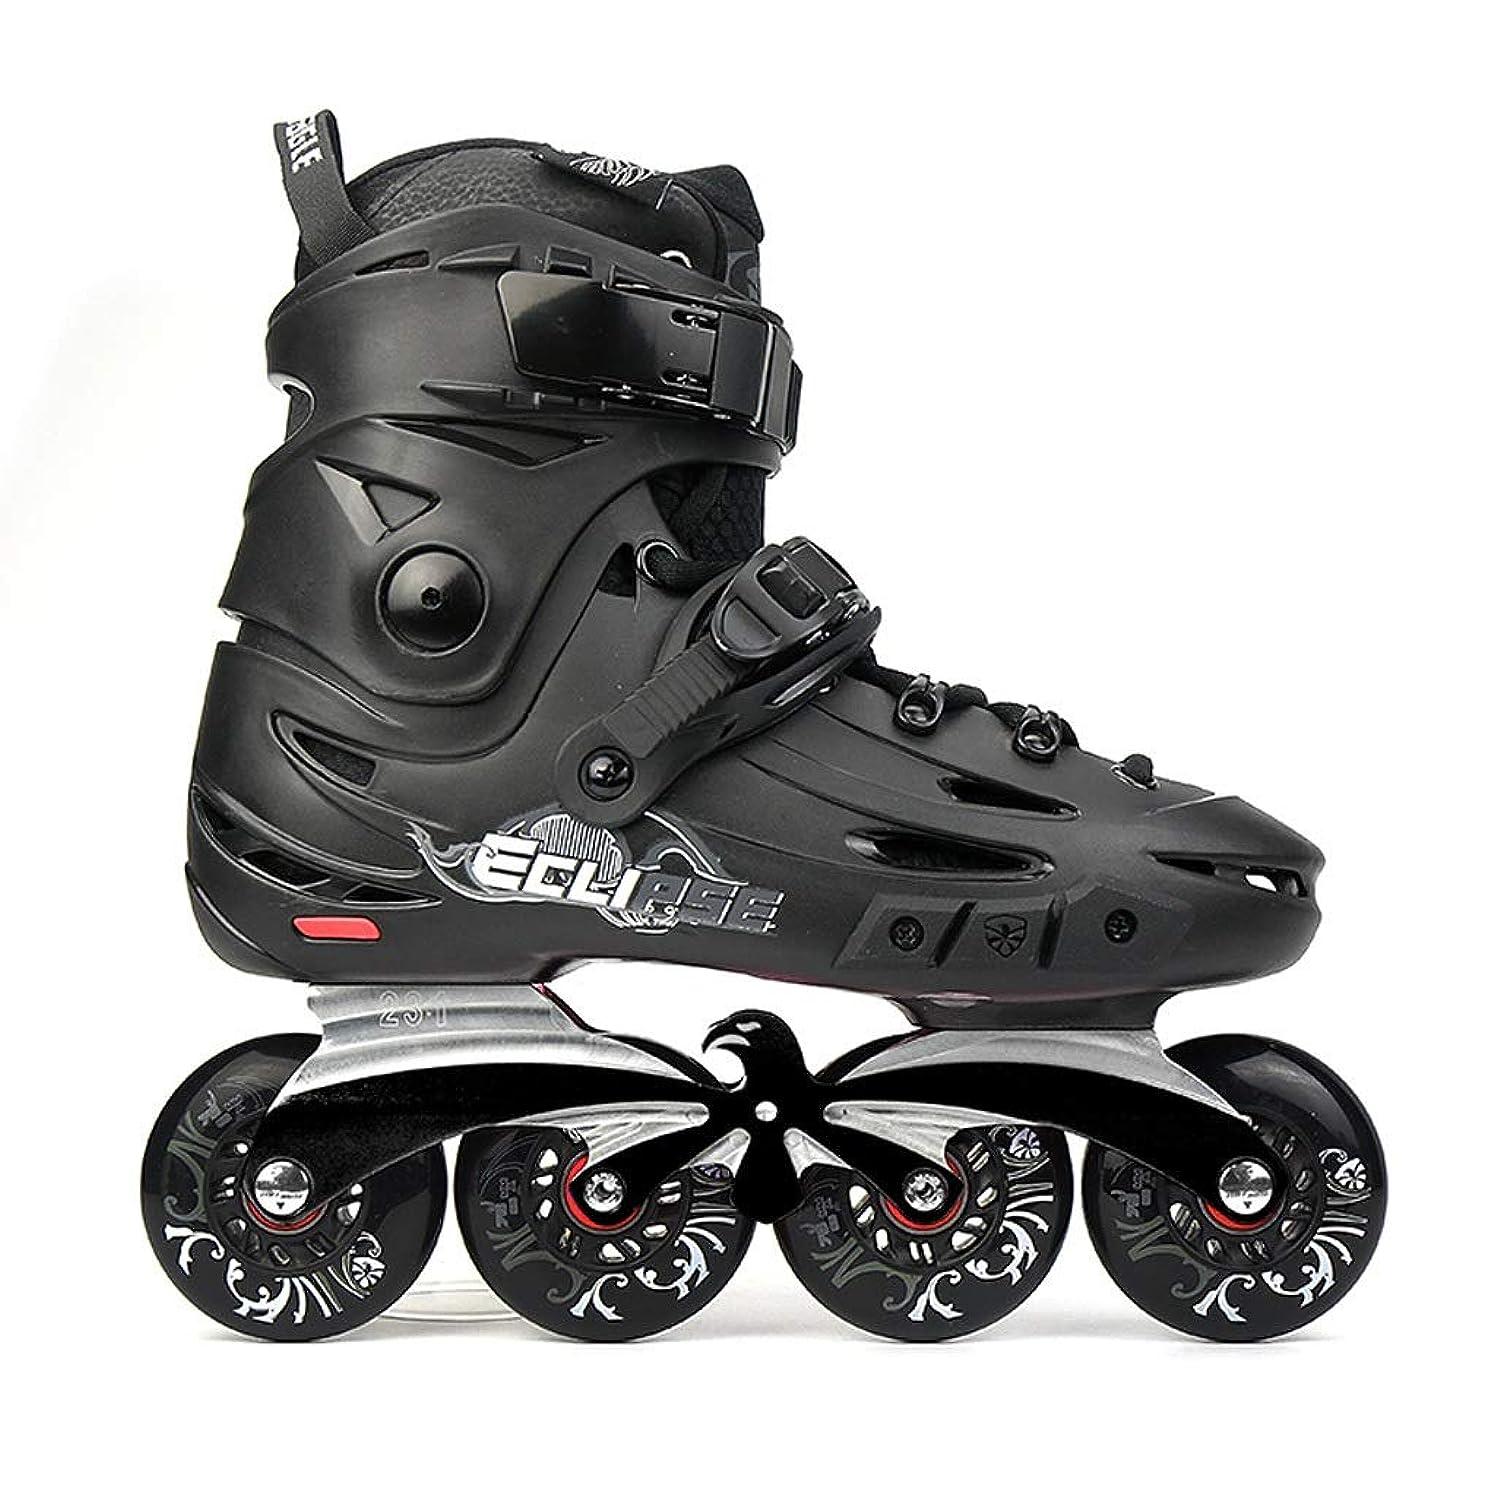 誇張するみなさん指導するインラインスケート 男性および女性のインラインスケート、初心者用通気性およびウェアラブル多目的屋外用単列スケート、黒 ローラースケート Inline skate (Color : Black, Size : EU 36/US 4.5/UK 3.5/JP 23cm)